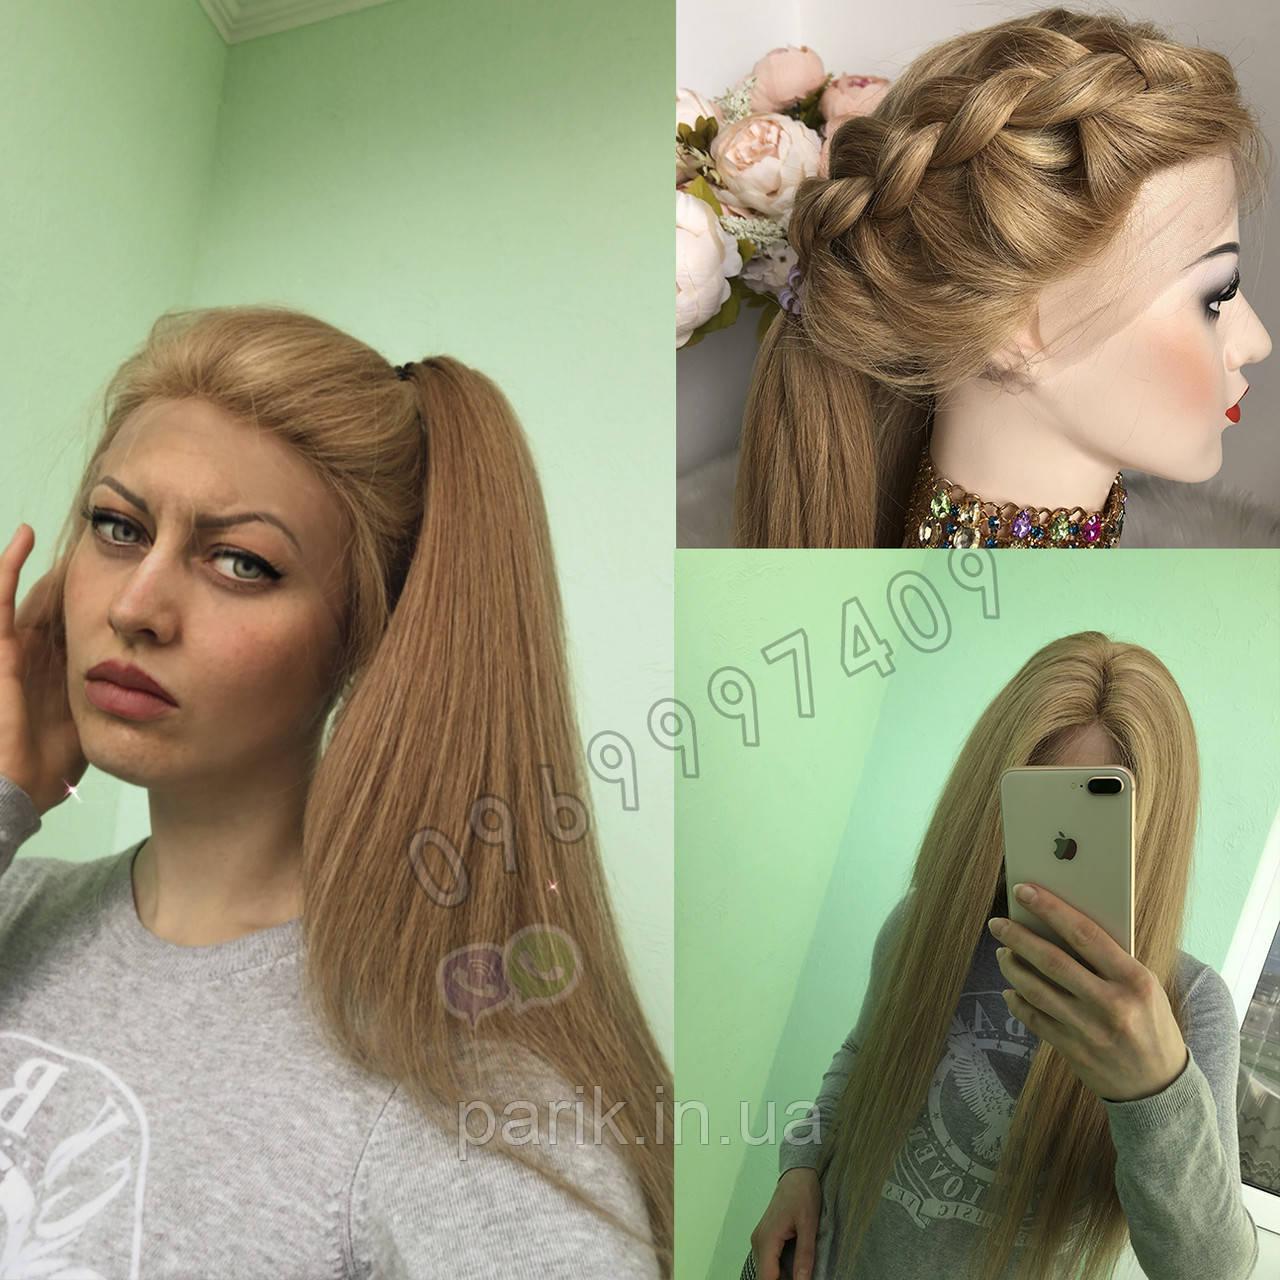 Система волос на сетке с имитацией кожи головы, длинный русый волос